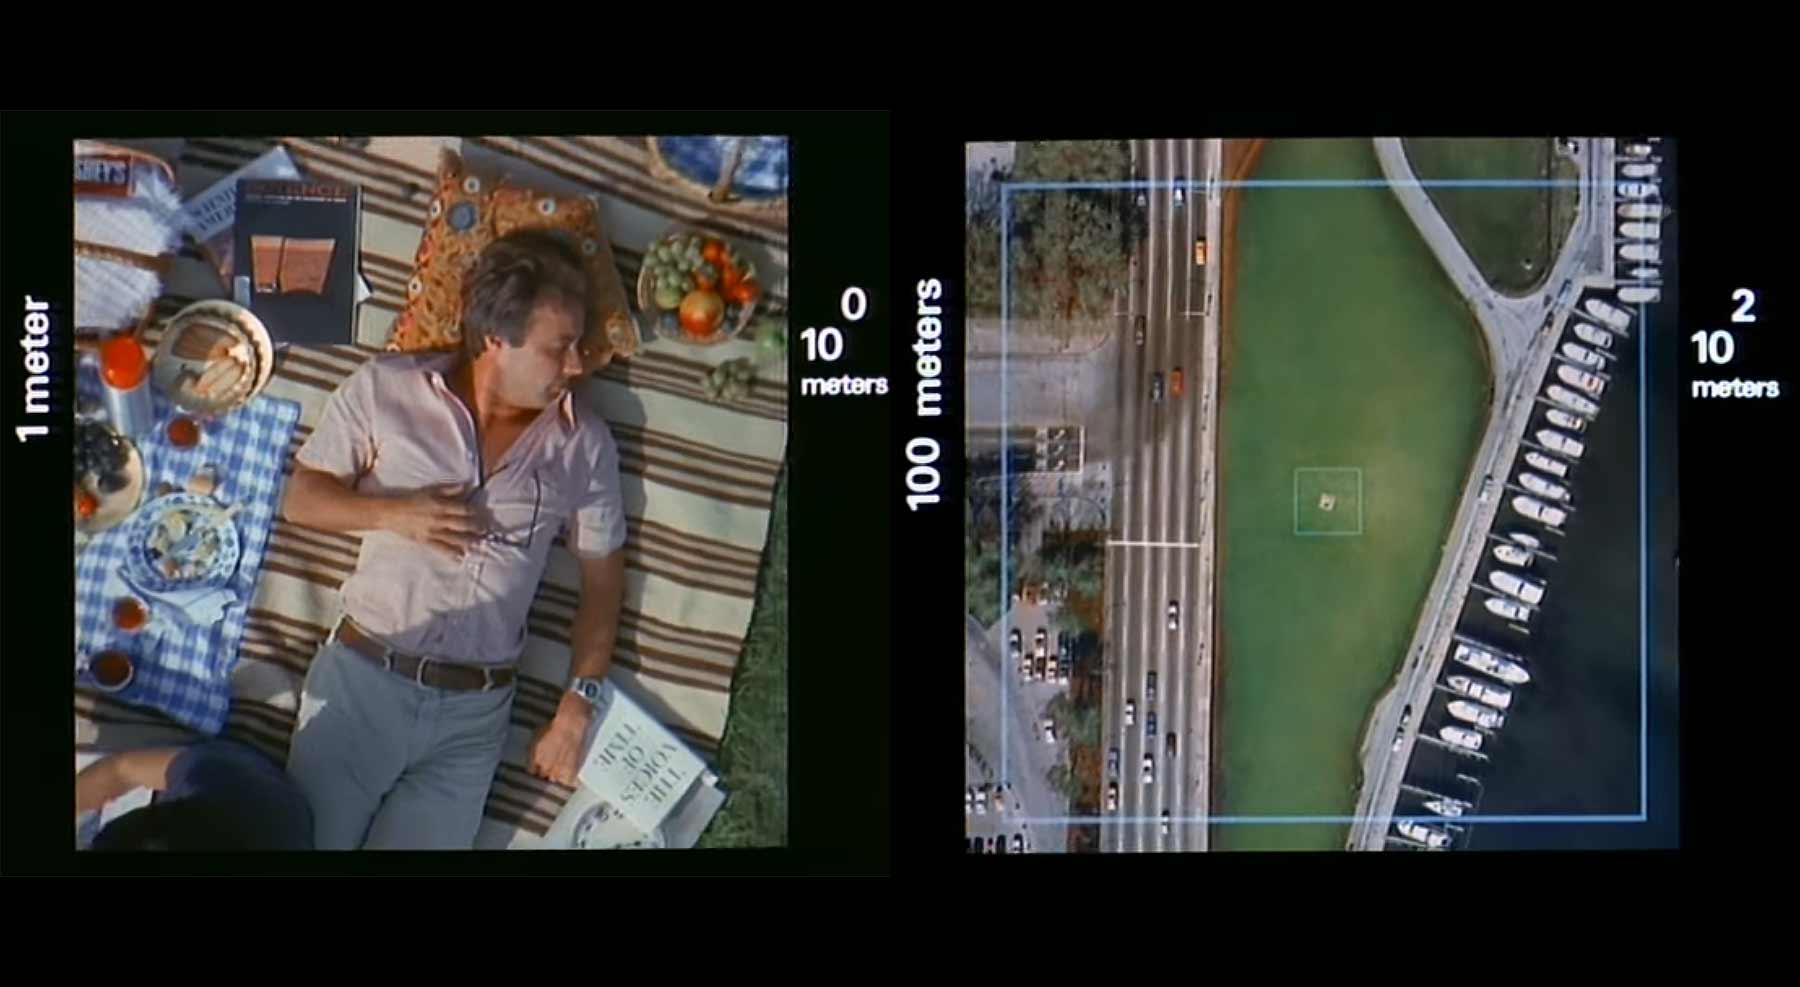 Dieser Film zoomt alle 10 Sekunden das Zehnfache raus